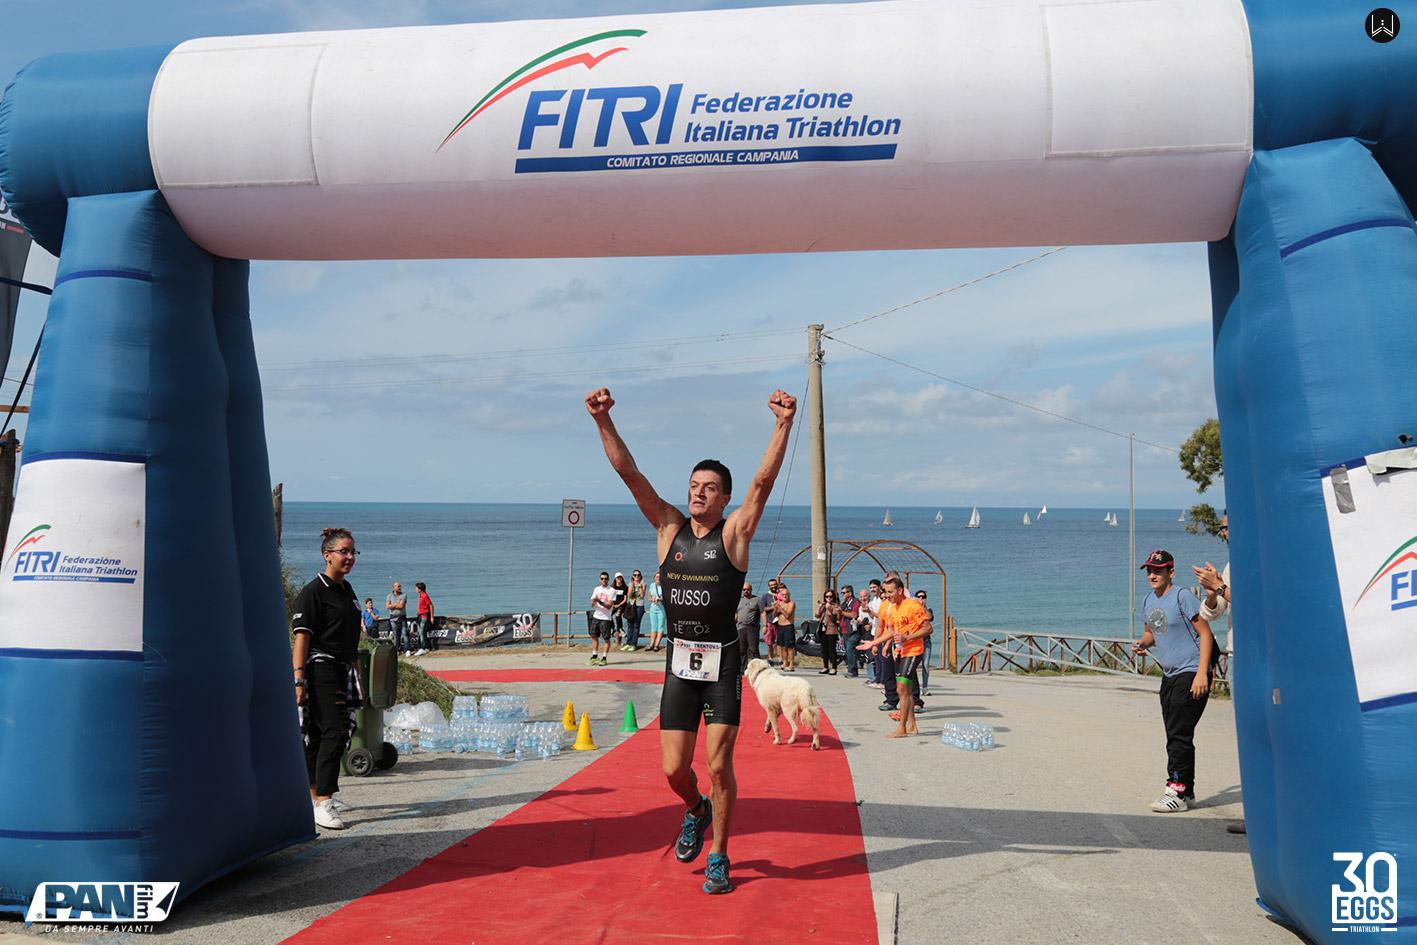 Vincitore Russo - 30EGGS Triathlon Cross Super Sprint